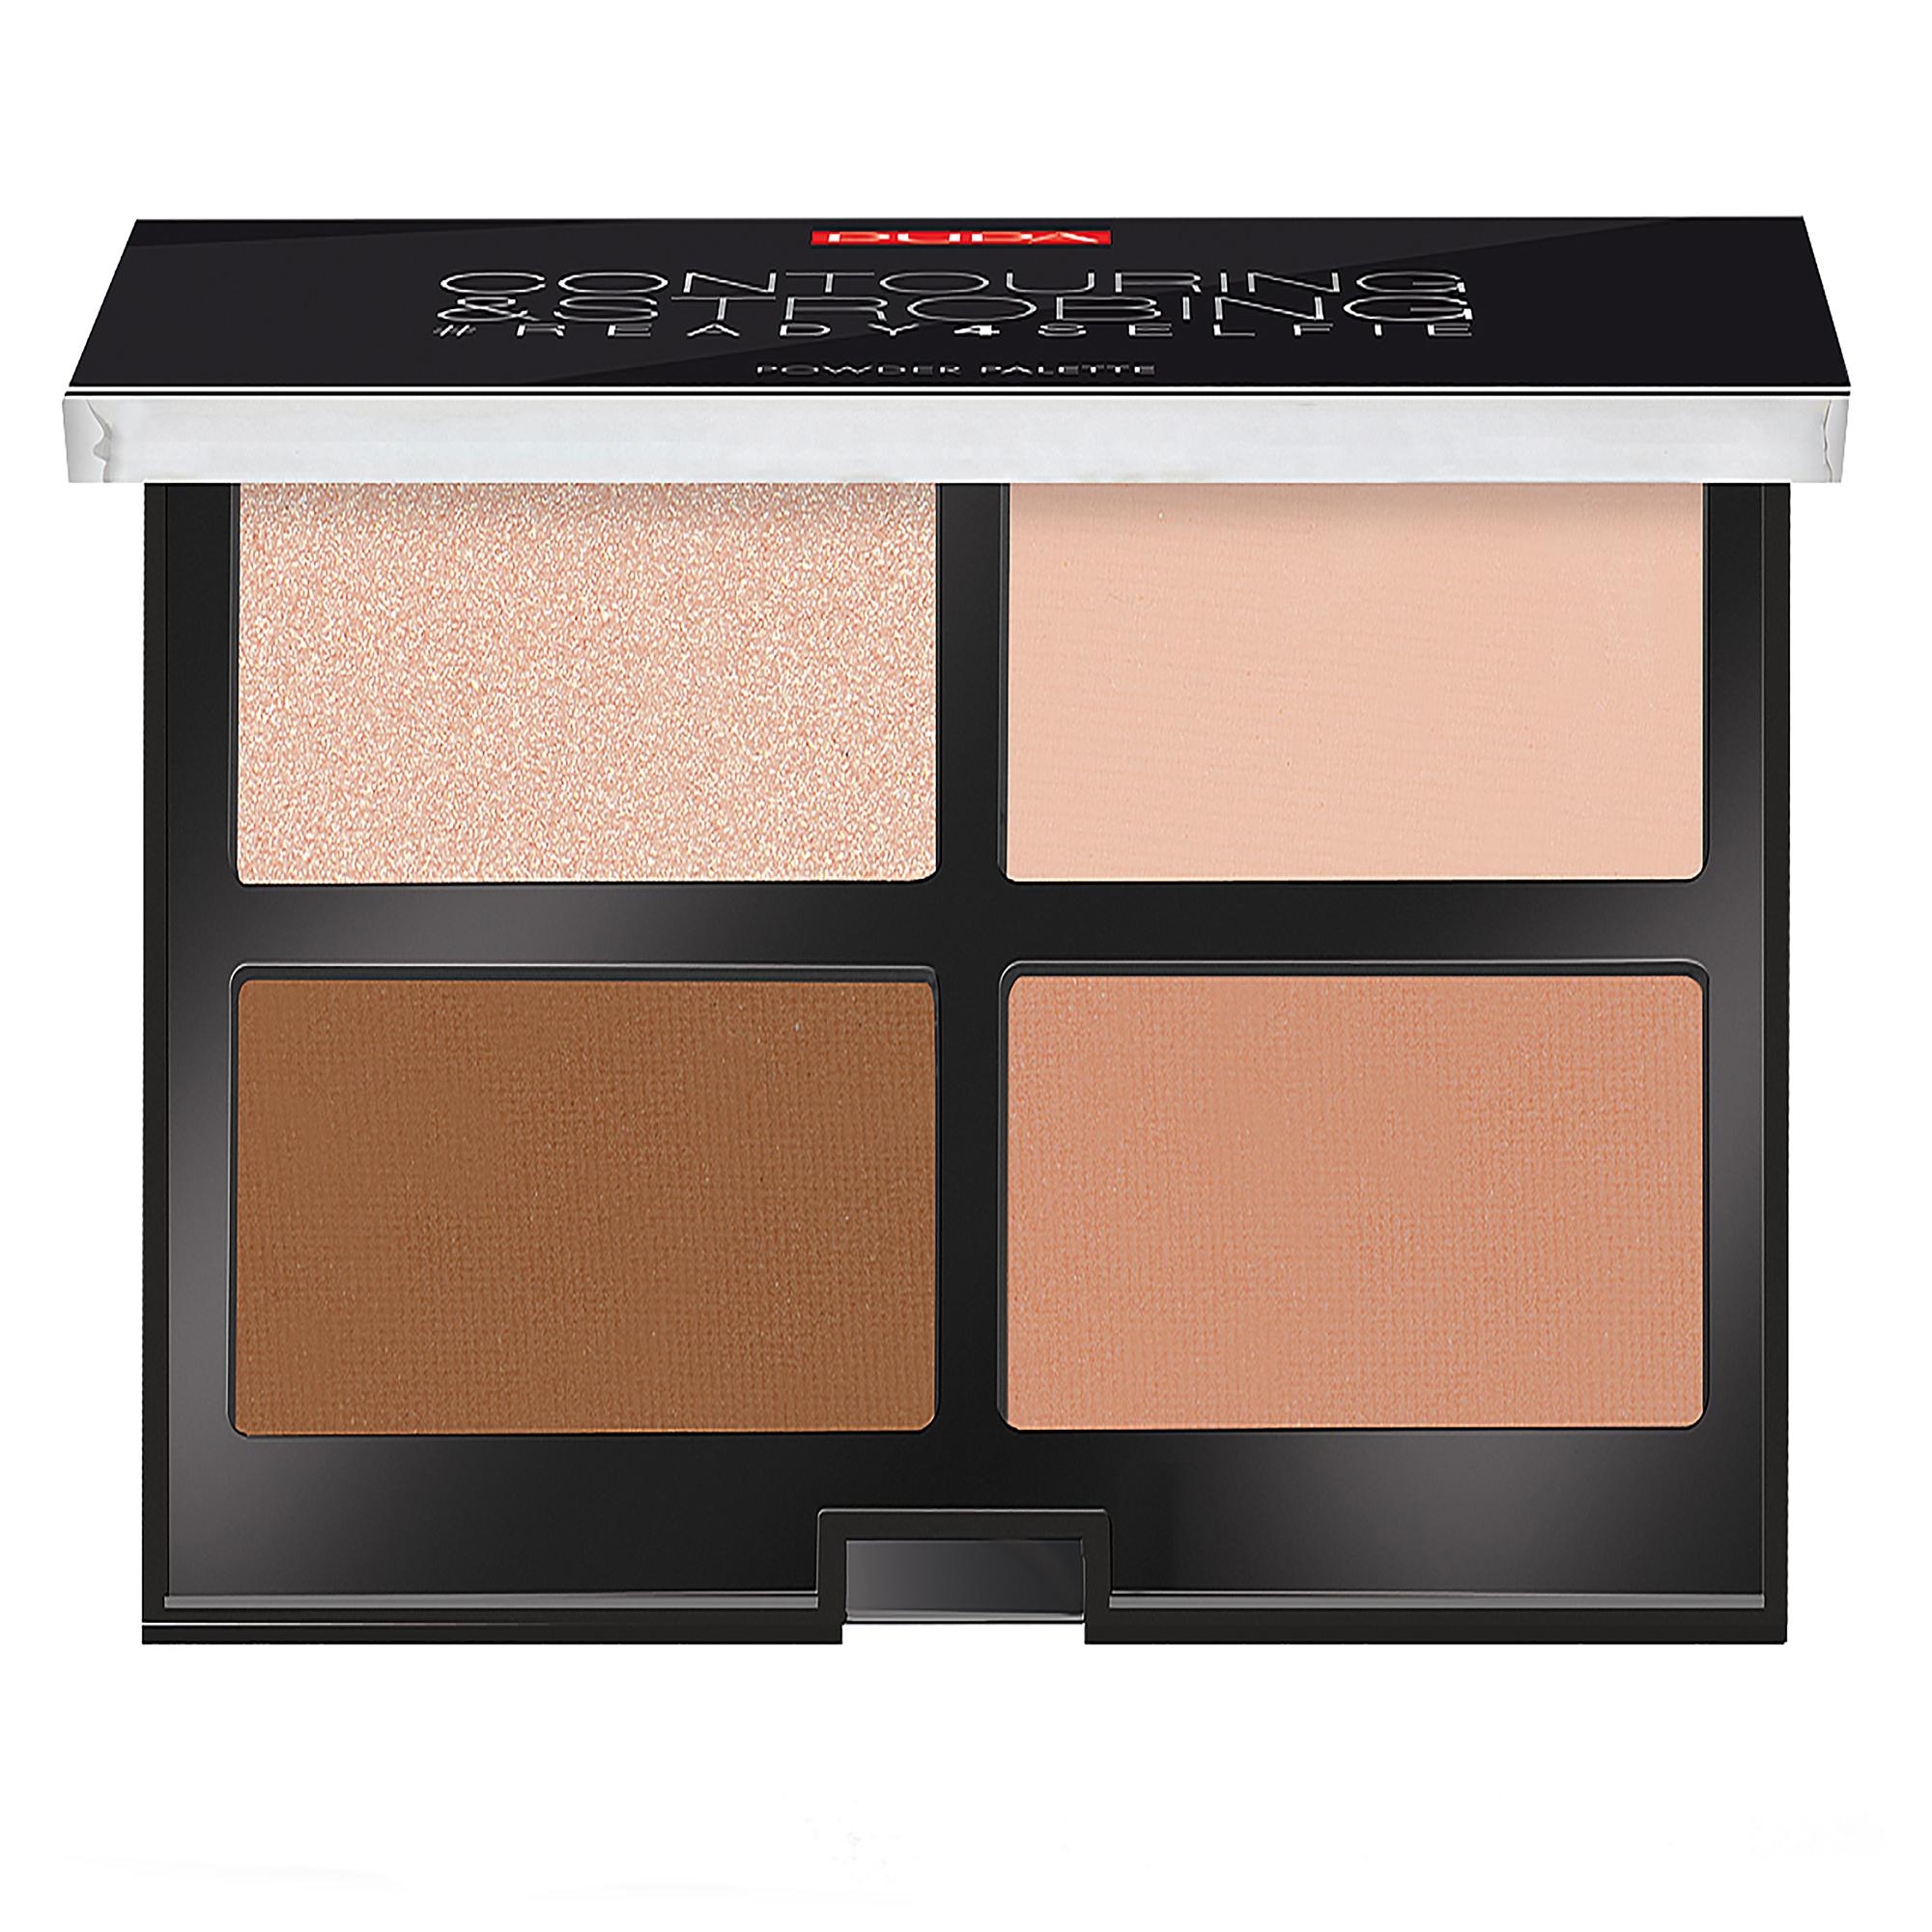 قیمت پالت کانتورینگ پوپا سری Strobing Palette مدل Medium Skin شماره 02